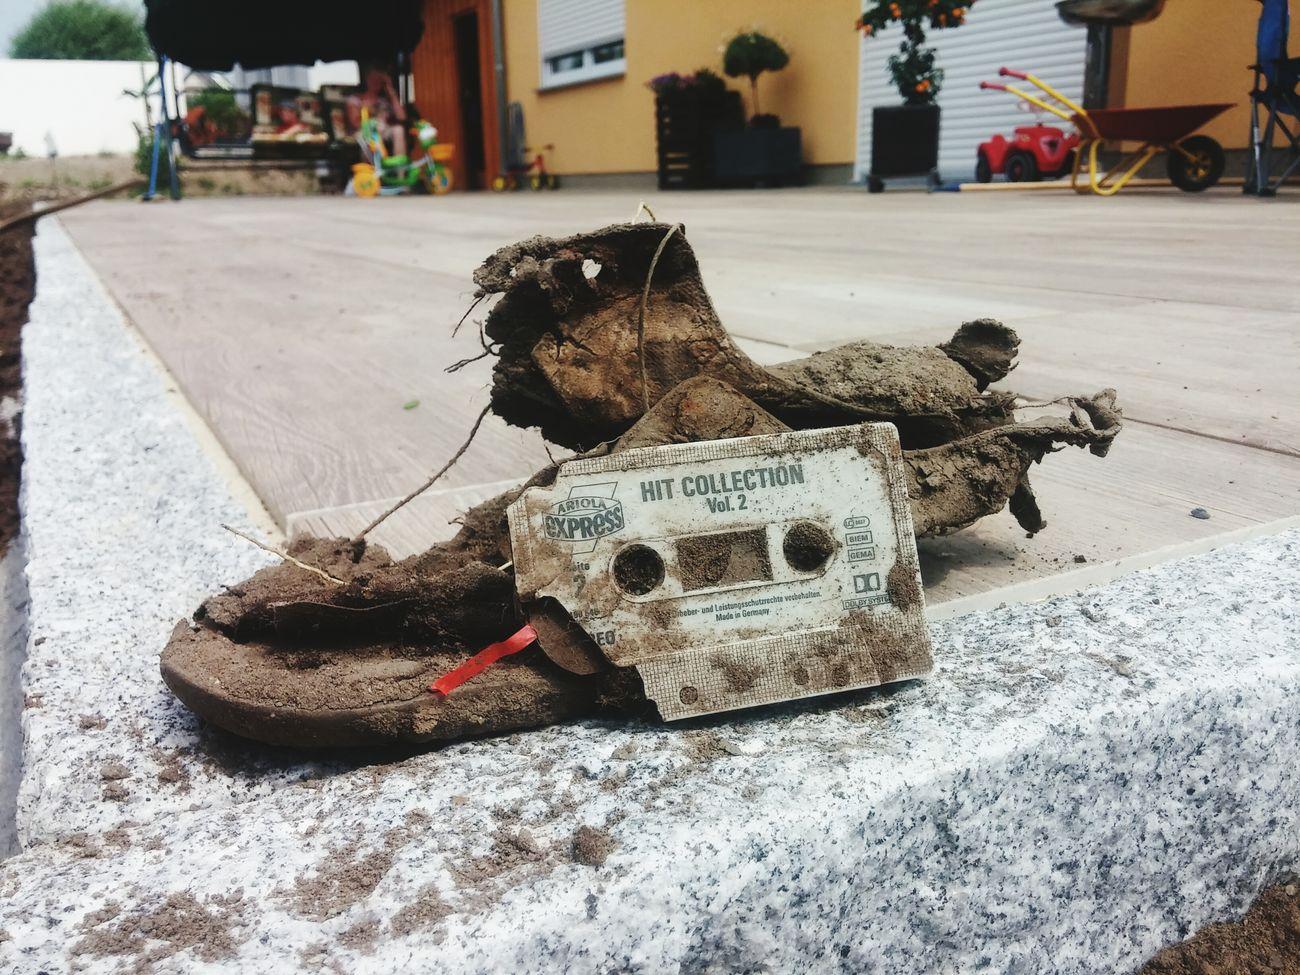 Vermisst jemand einen Schuh (Größe unbekannt) und diese Kassette? Derhaufenmussweg Dinge